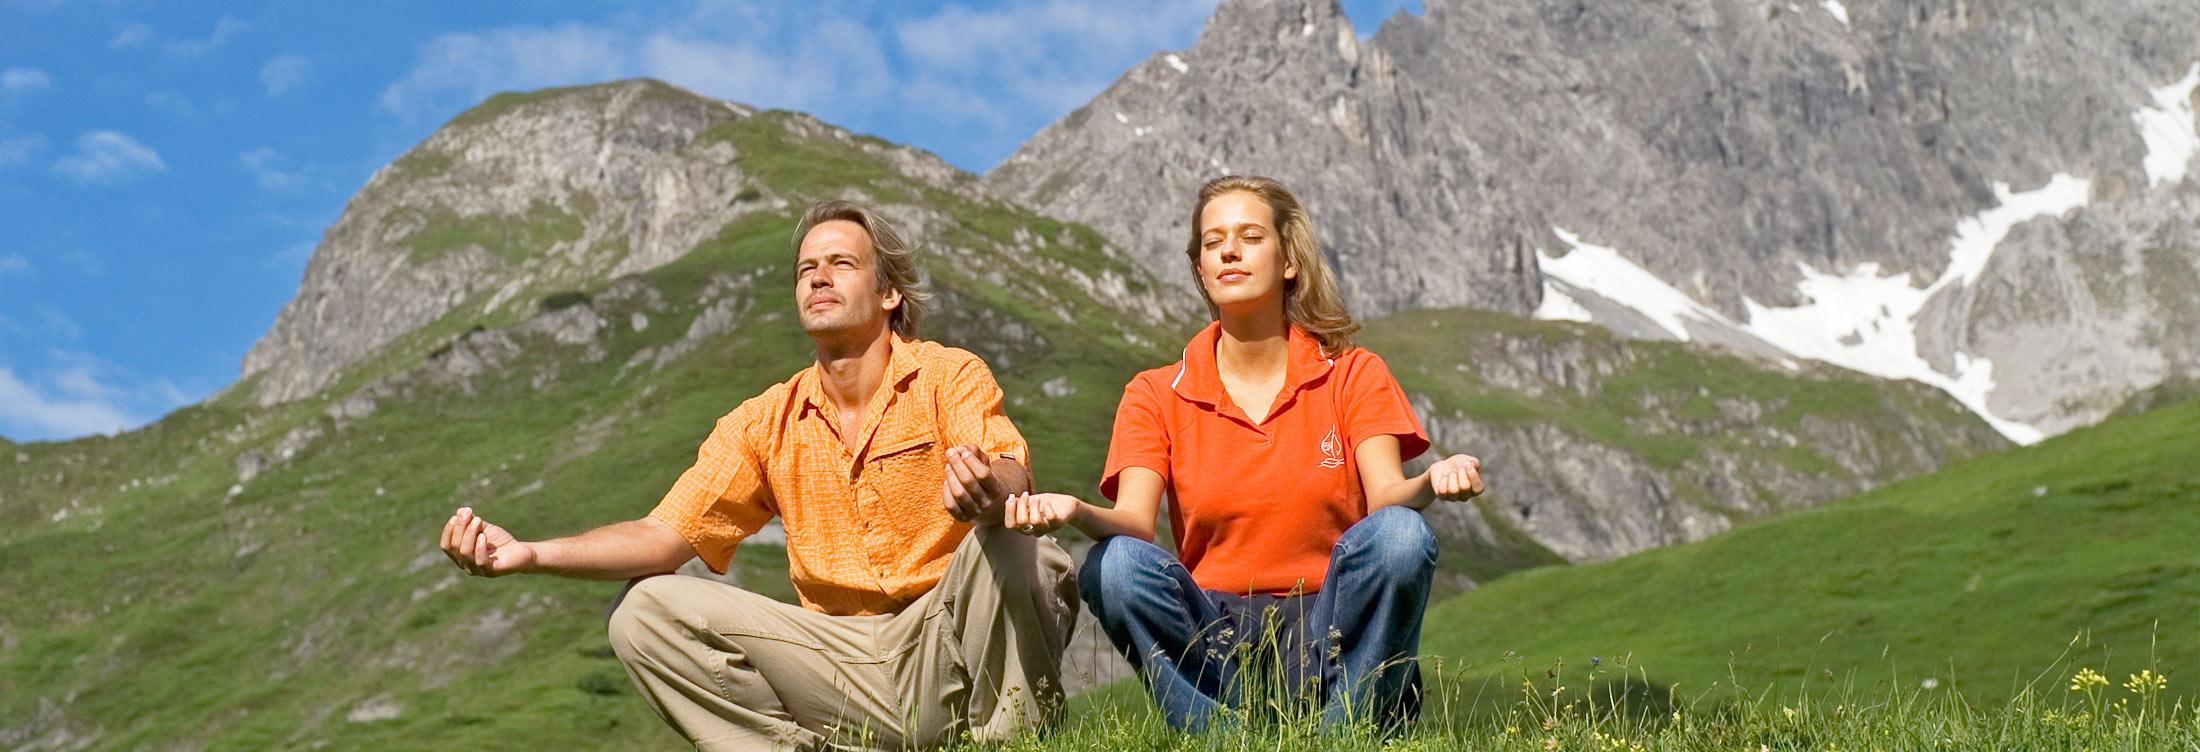 Sommerpreise in den Ferienwohnungen - Appartements Andera - Lech am Arlberg